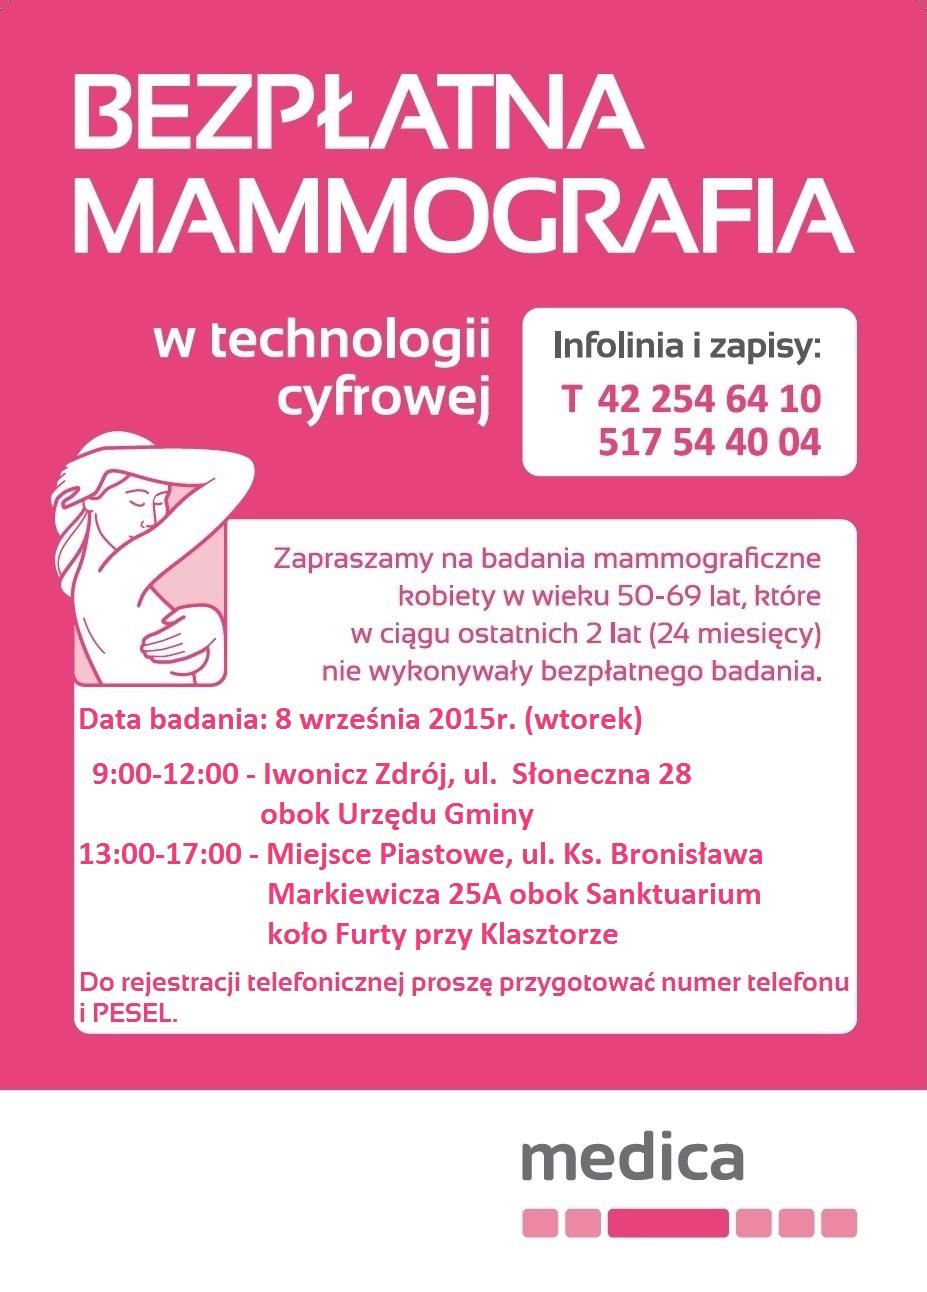 Bezpłatne badania mammograficzne dla kobiet w wieku 50 – 69 lat